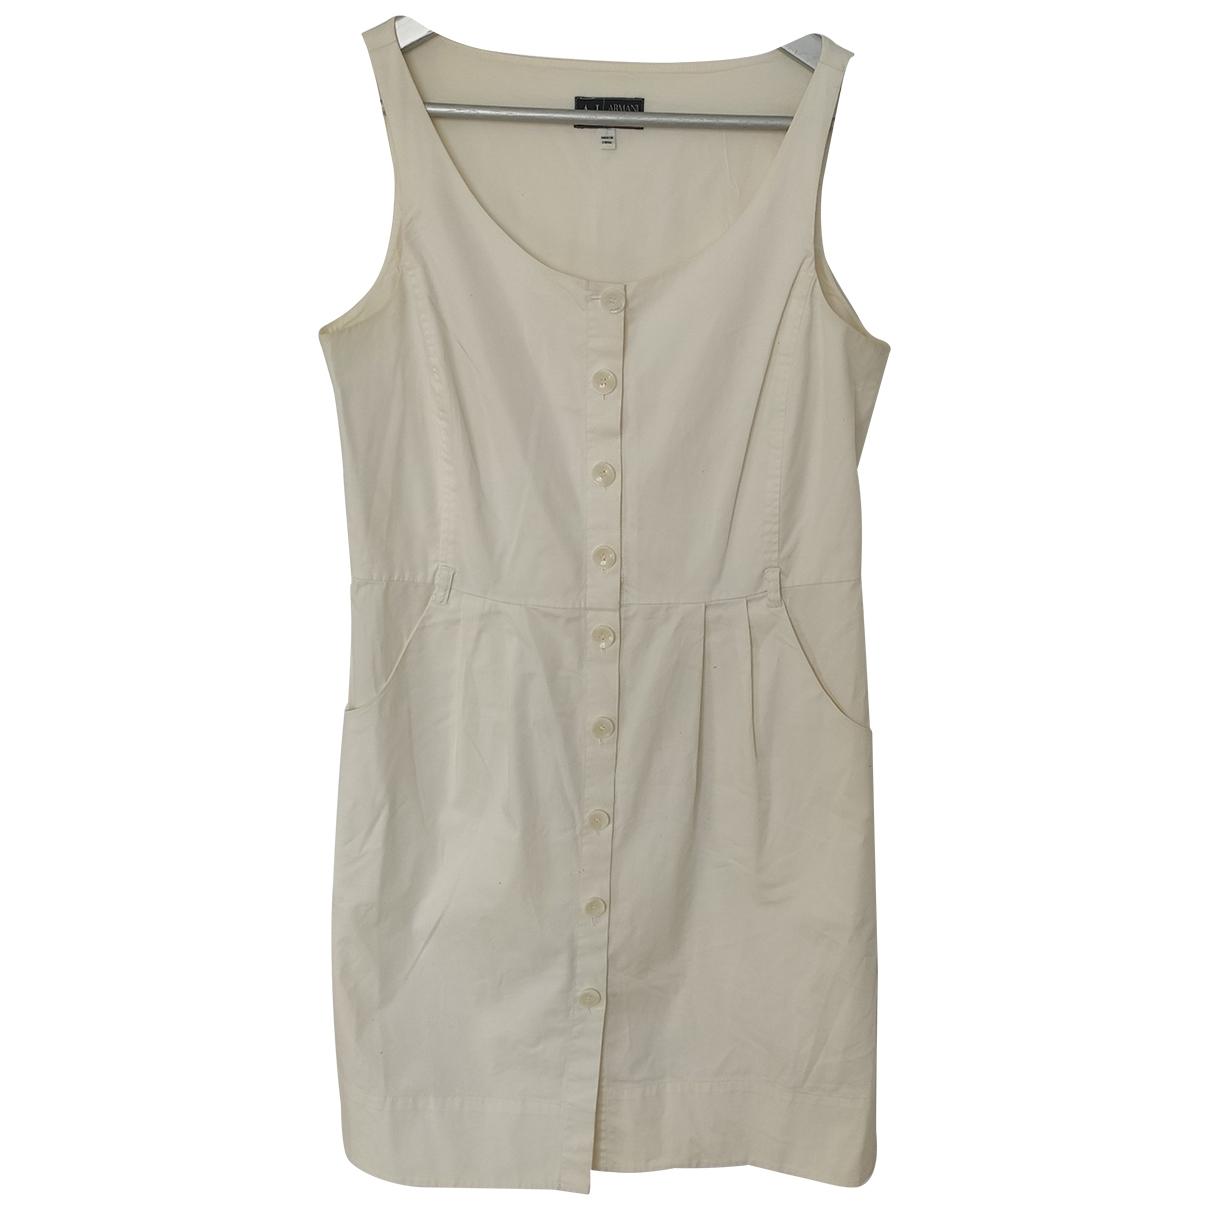 Armani Jeans \N White Cotton dress for Women L International